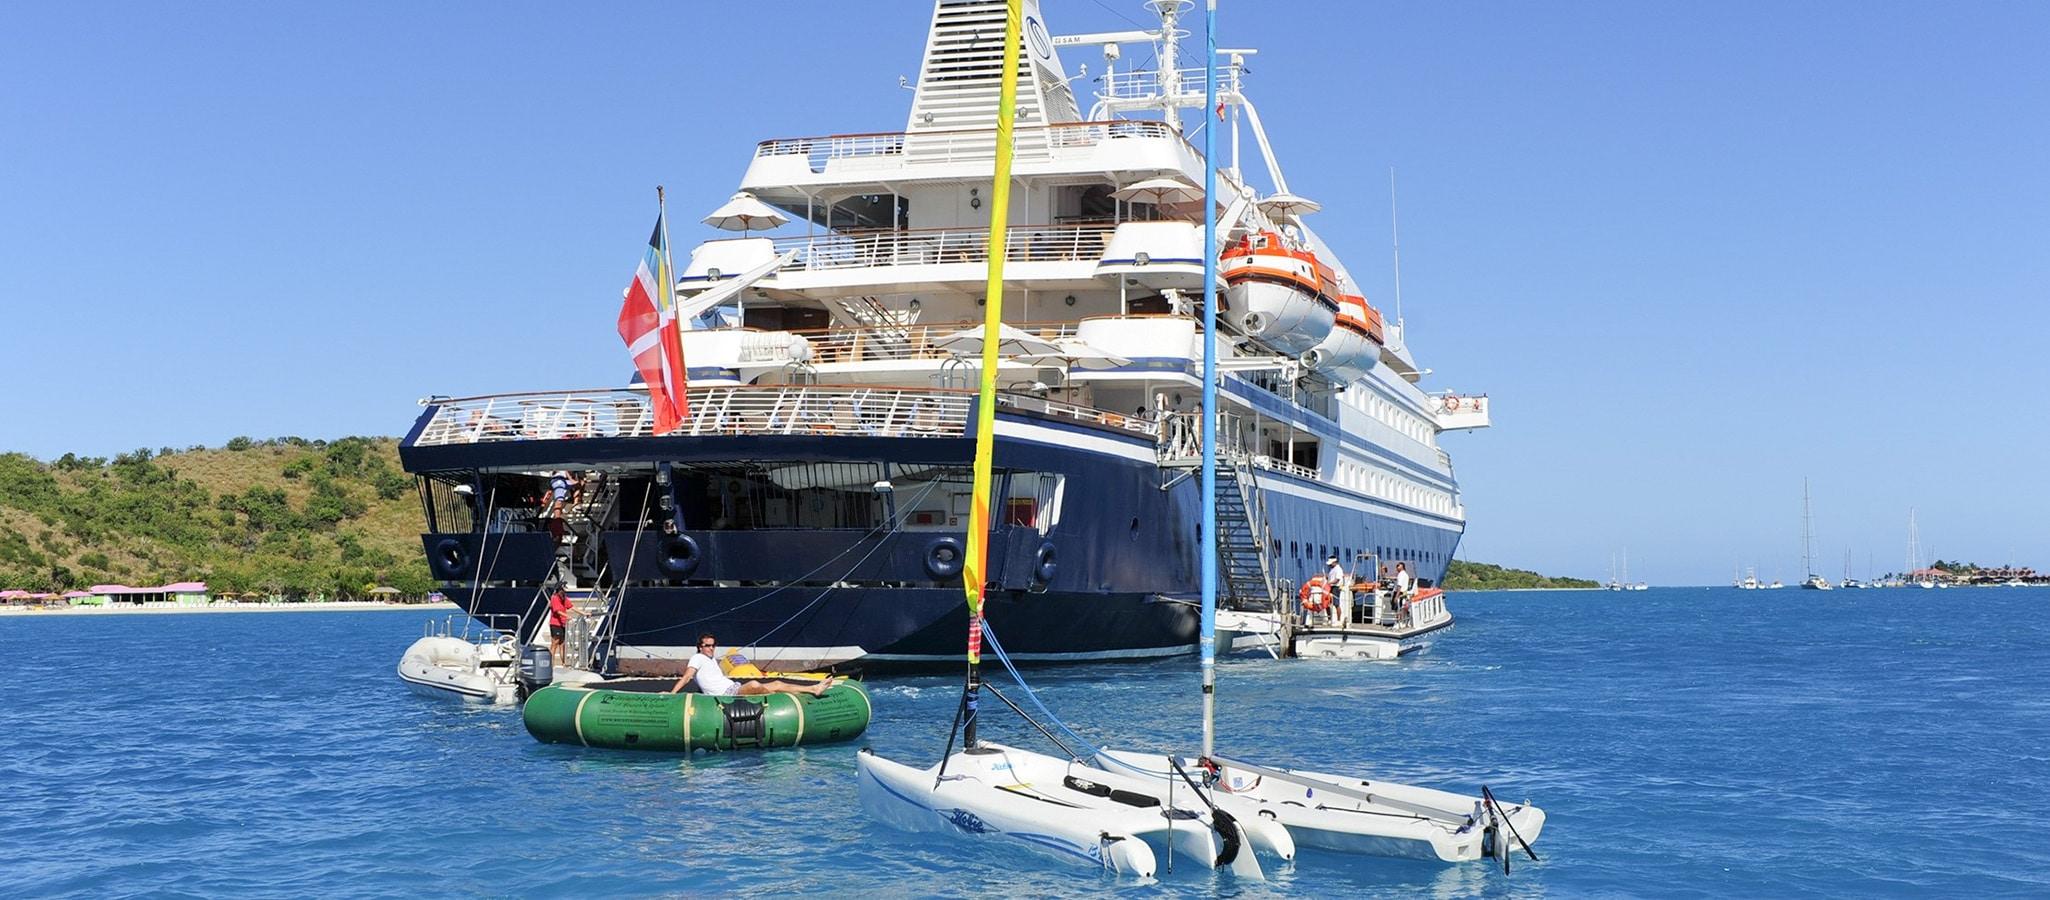 Ein Must auf jedem maritimen Event: Badespaß und Wassersport direkt von der Marina Plattform.